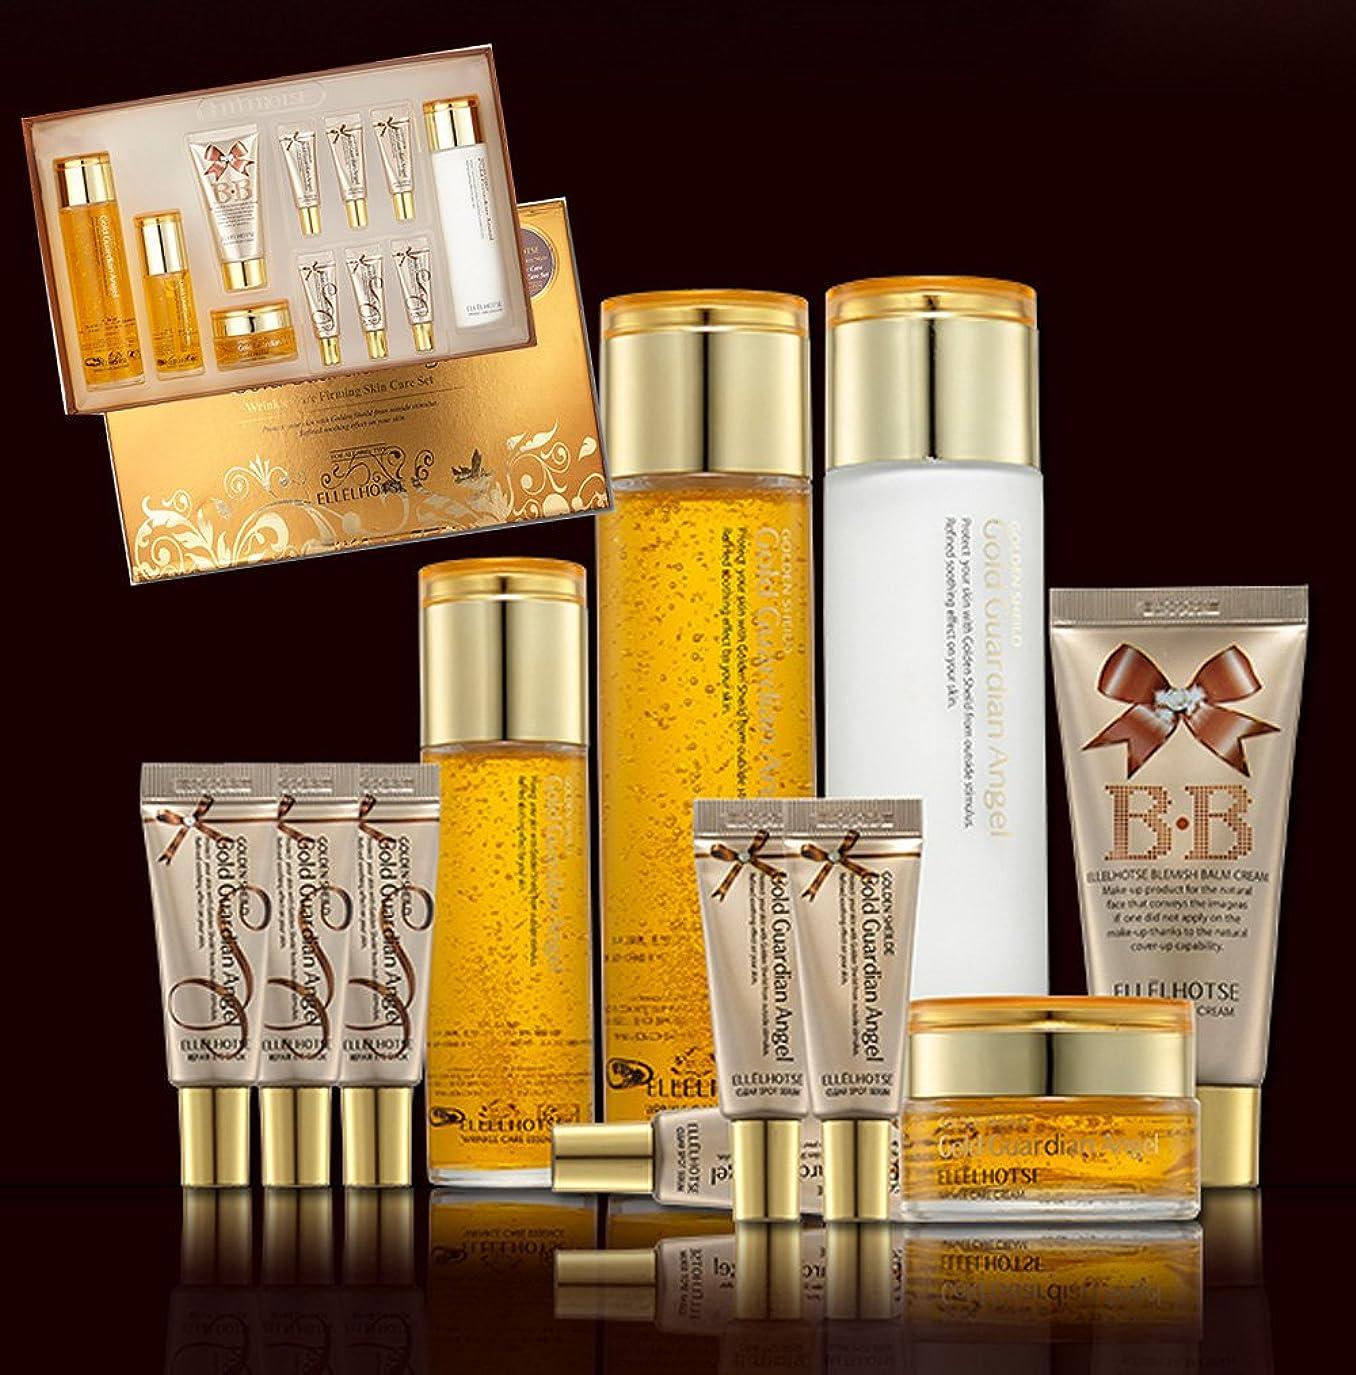 珍味ご予約嫉妬[ELLELHOTSE]ゴールドファーミングスキンケア7set/弾力&柔軟性/コエンザイムQ-10/韓国の化粧品/Gold Firming Skin Care 7set/resilience & flexibility/coenzyme Q-10/Korean Cosmetics [並行輸入品]